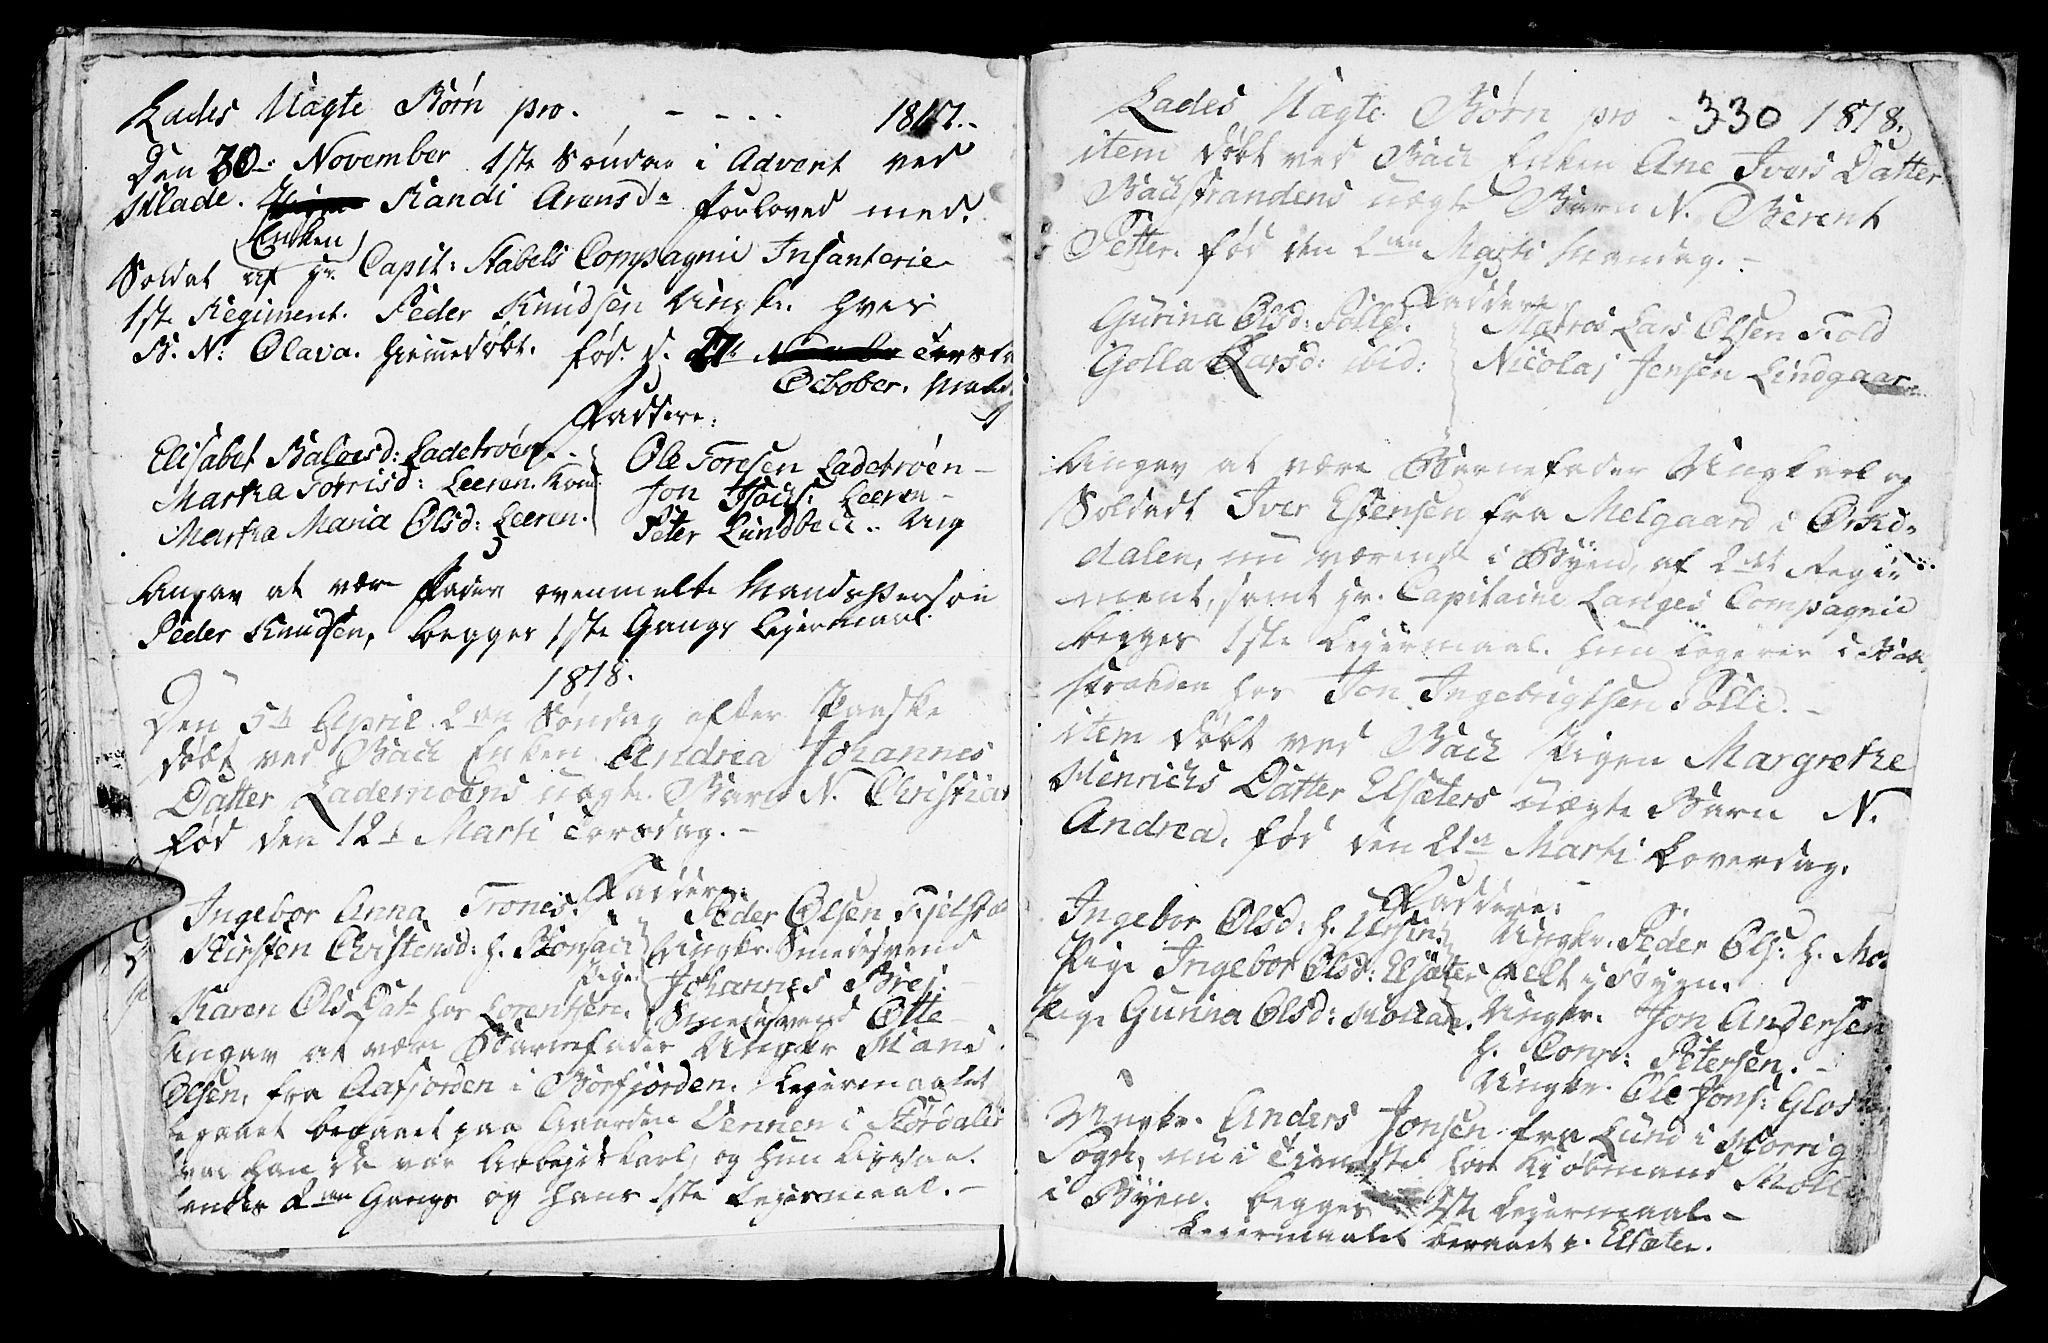 SAT, Ministerialprotokoller, klokkerbøker og fødselsregistre - Sør-Trøndelag, 606/L0305: Klokkerbok nr. 606C01, 1757-1819, s. 330